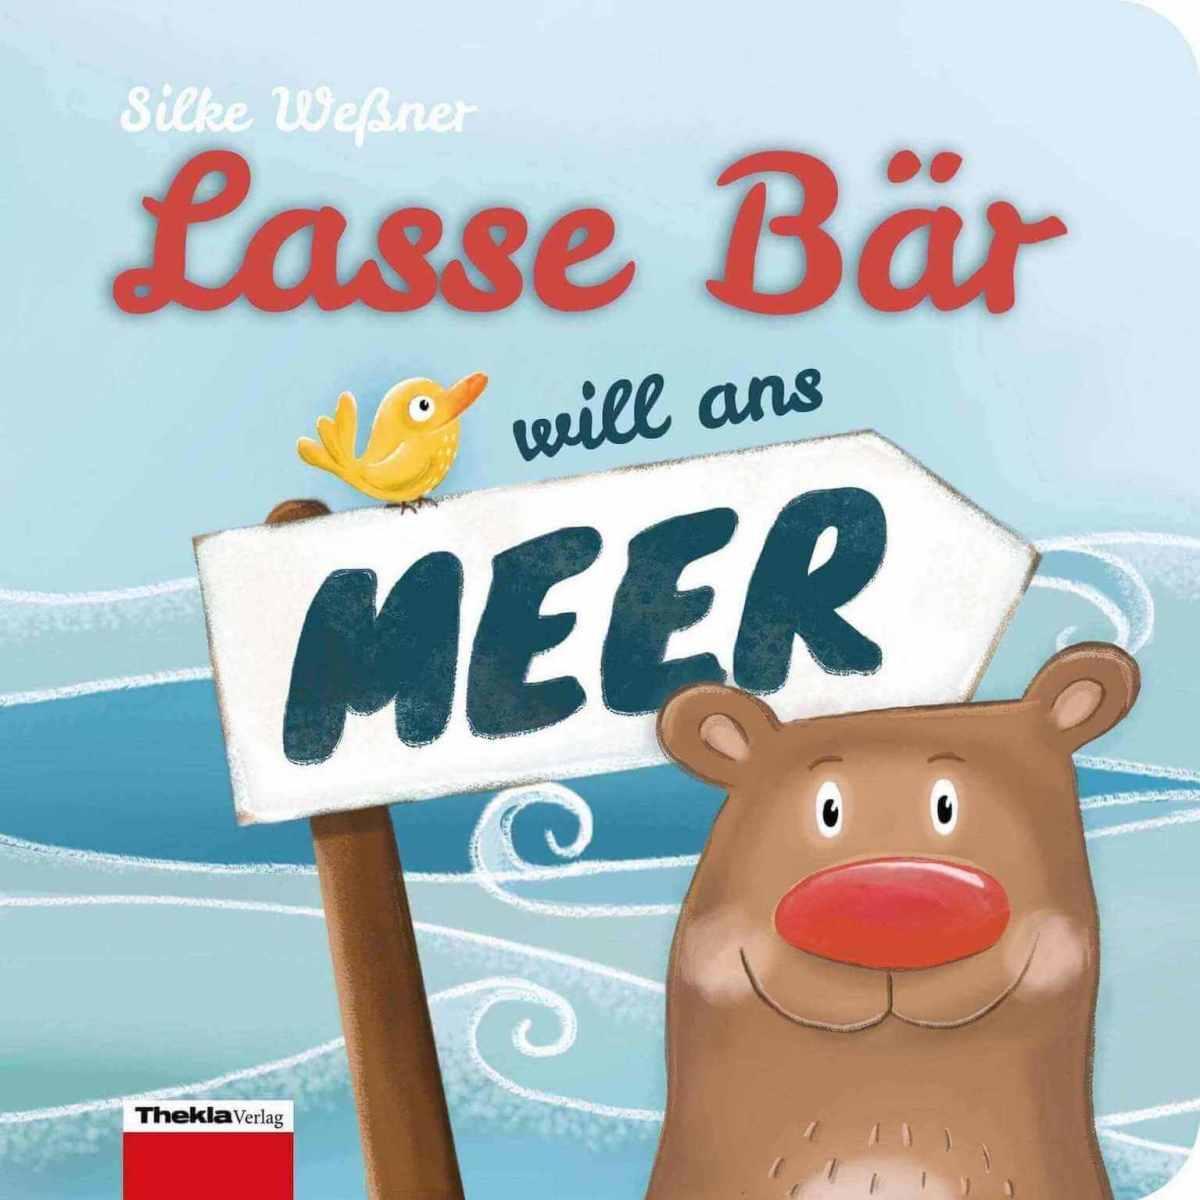 LasseBär will ans Meer - Pappbilderbuch für Kleinkinder ab 1 Jahr